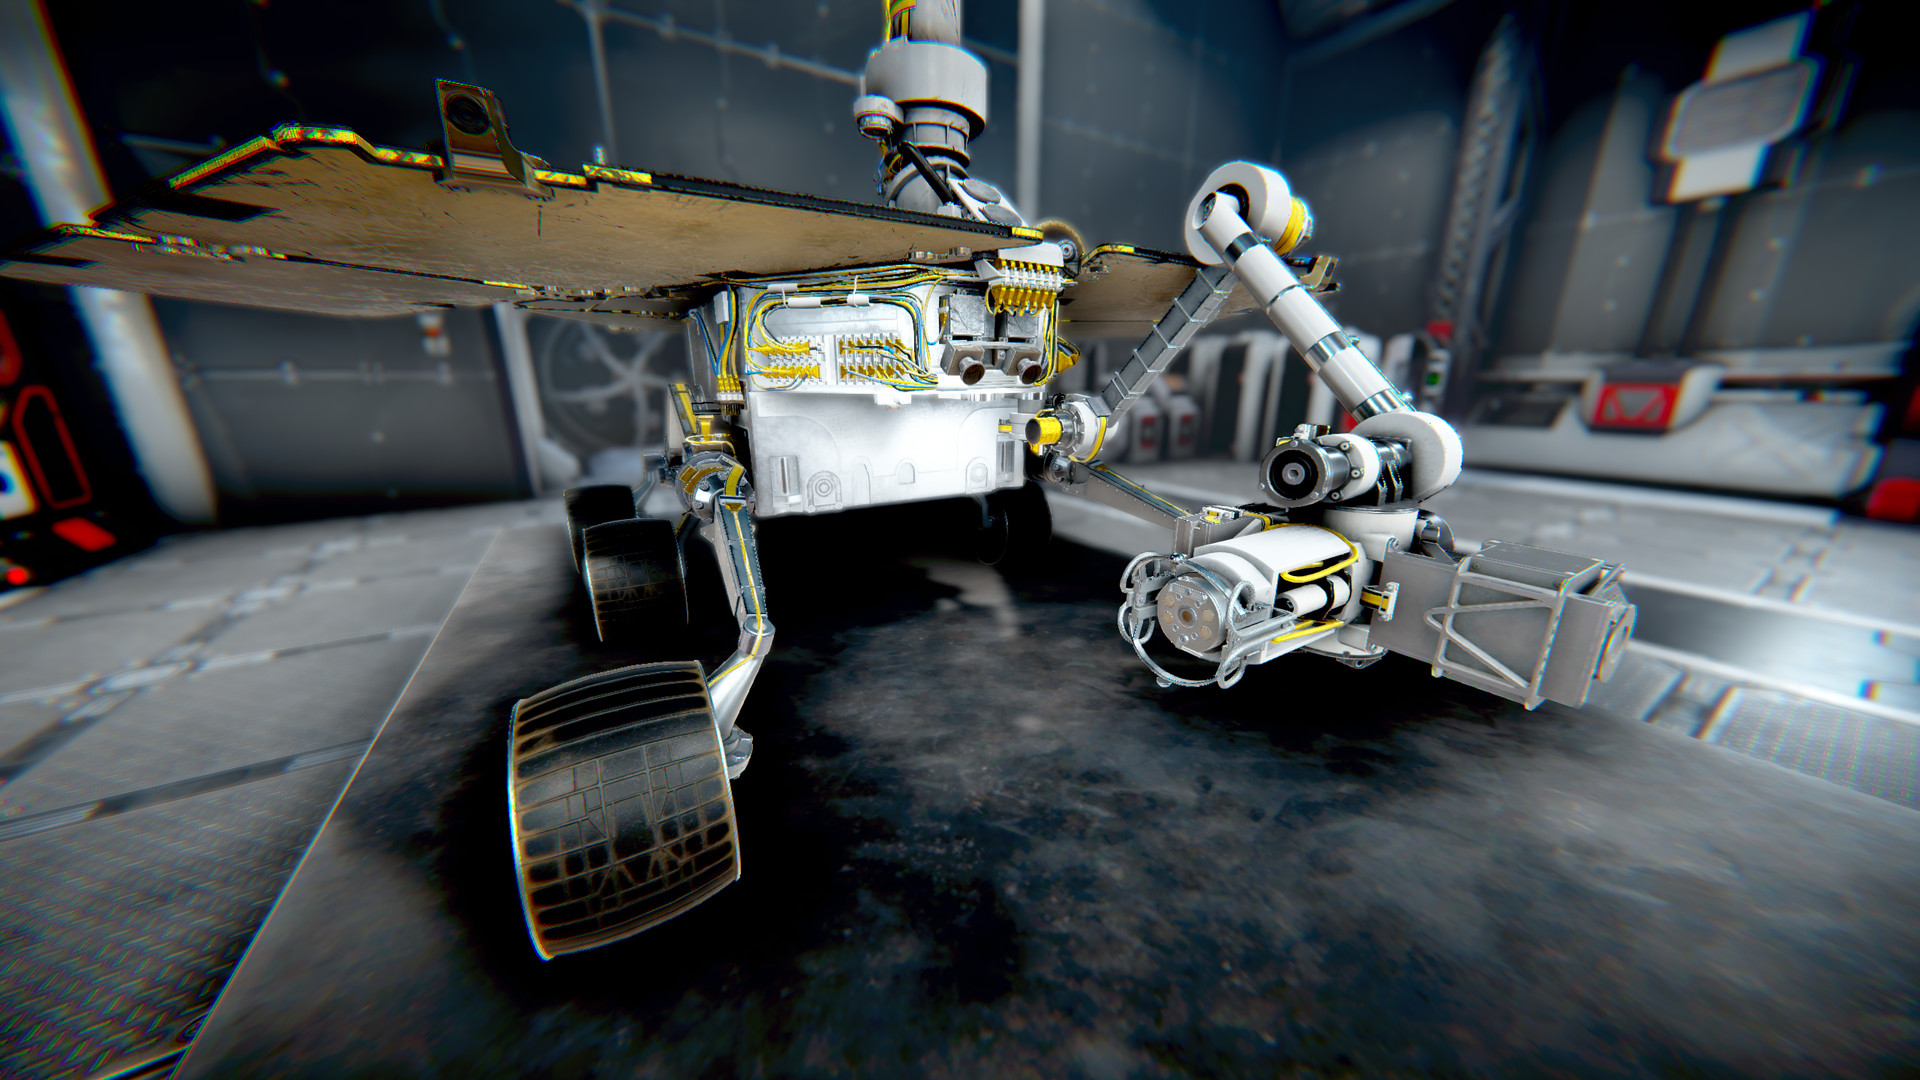 rover-mechanic-simulator-pc-screenshot-04